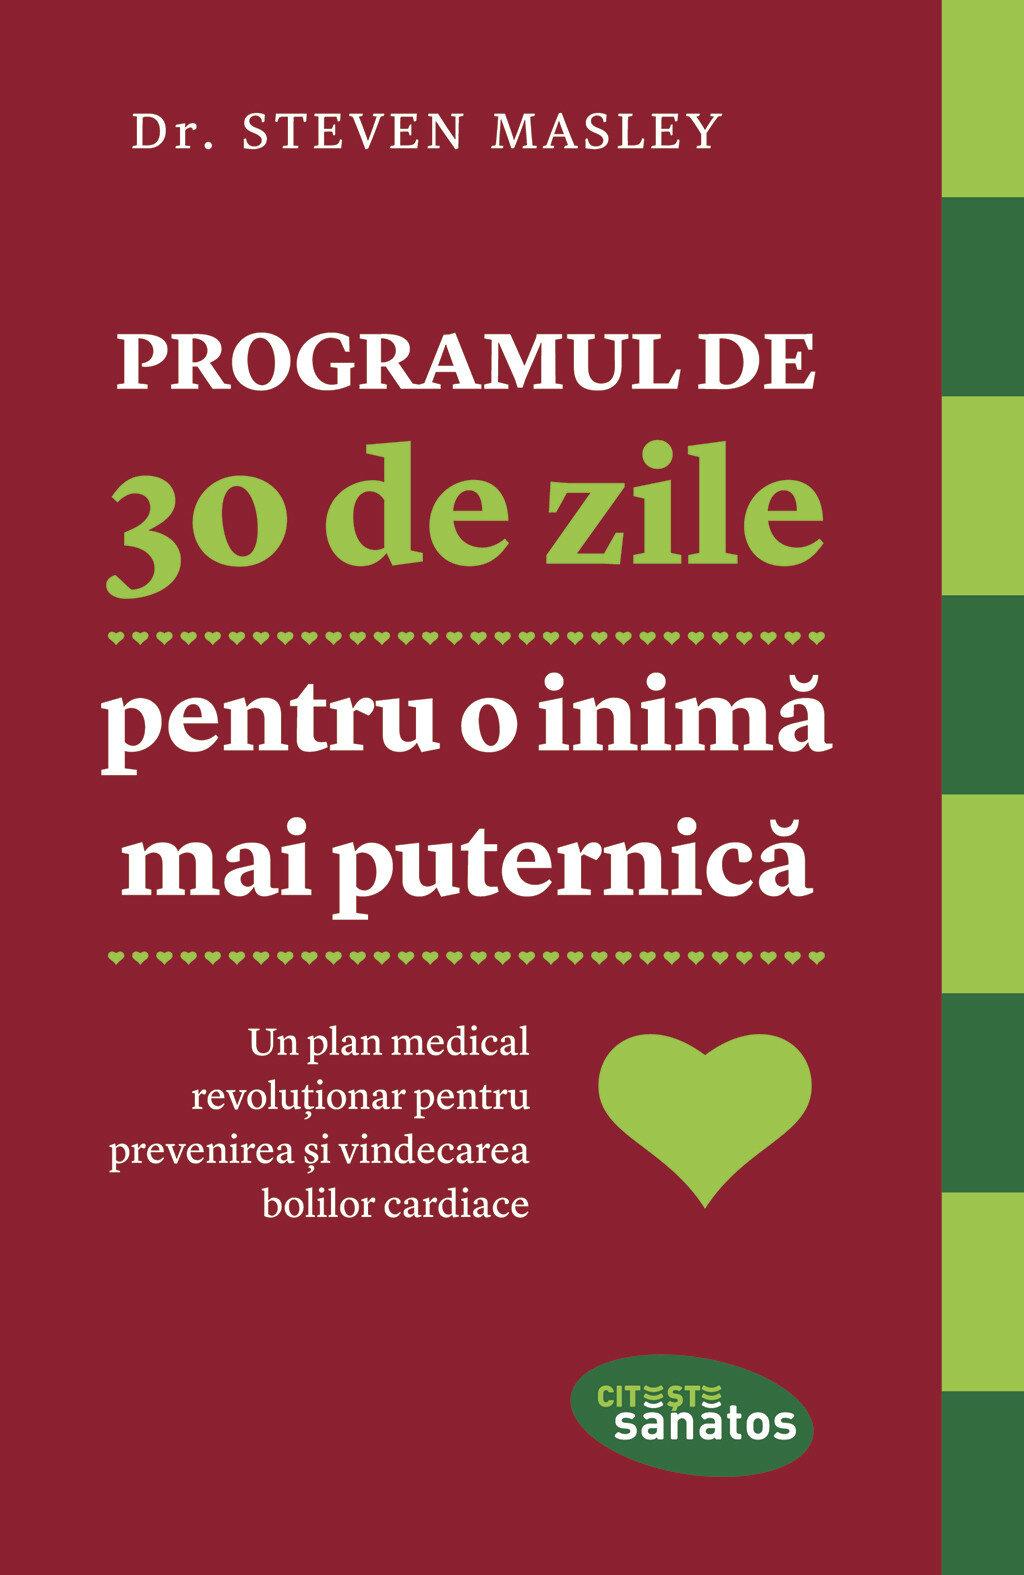 Programul de 30 de zile pentru o inima mai puternica. Un plan medical revolutionar pentru prevenirea si vindecarea bolilor cardiace PDF (Download eBook)